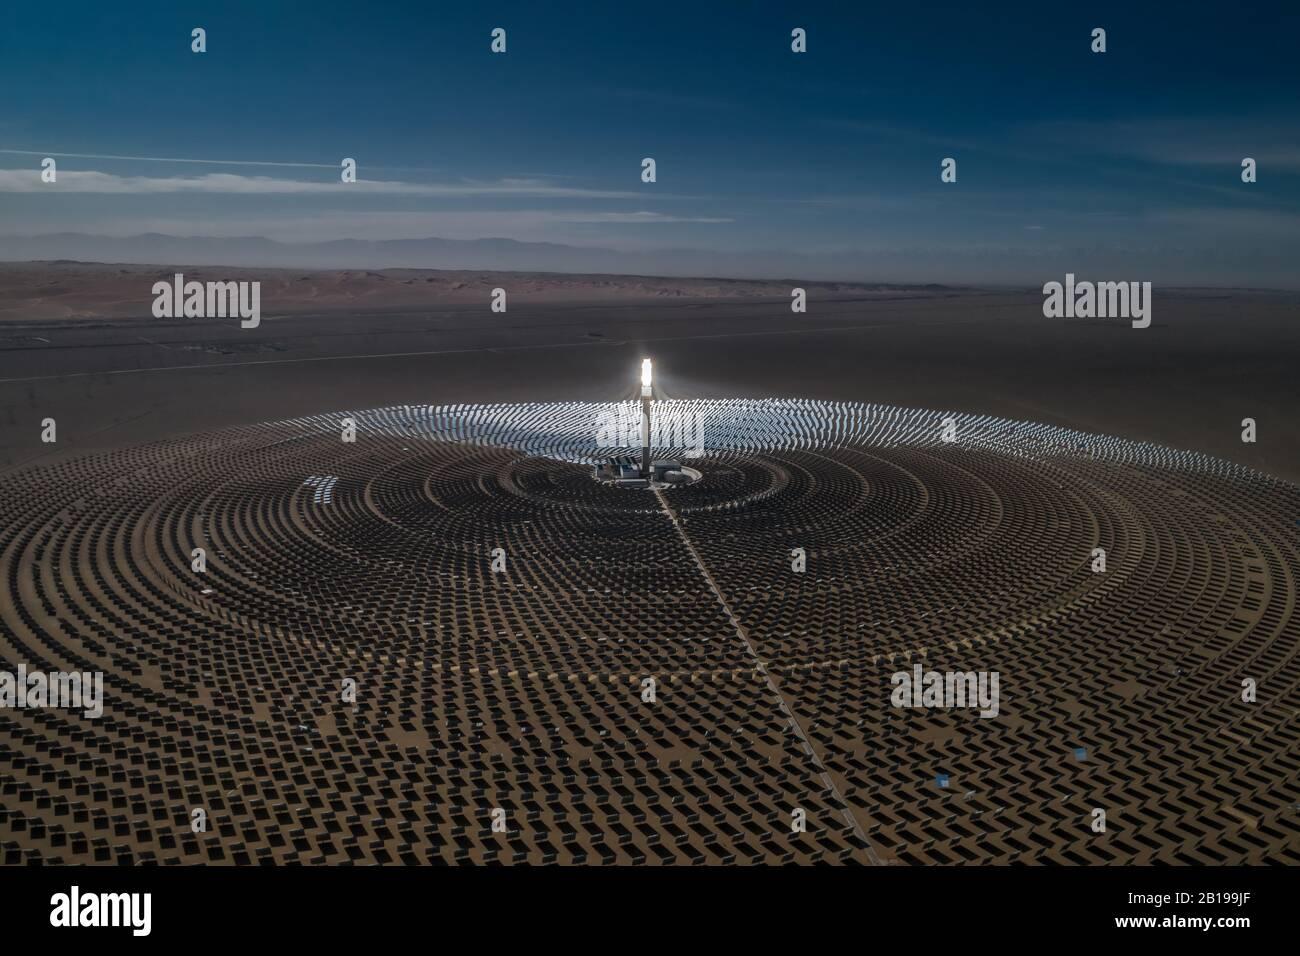 La vue aérienne de la centrale thermique solaire utilise des miroirs qui concentrent les rayons du soleil sur une tour de collecte pour produire de l'énergie renouvelable et sans pollution. Banque D'Images